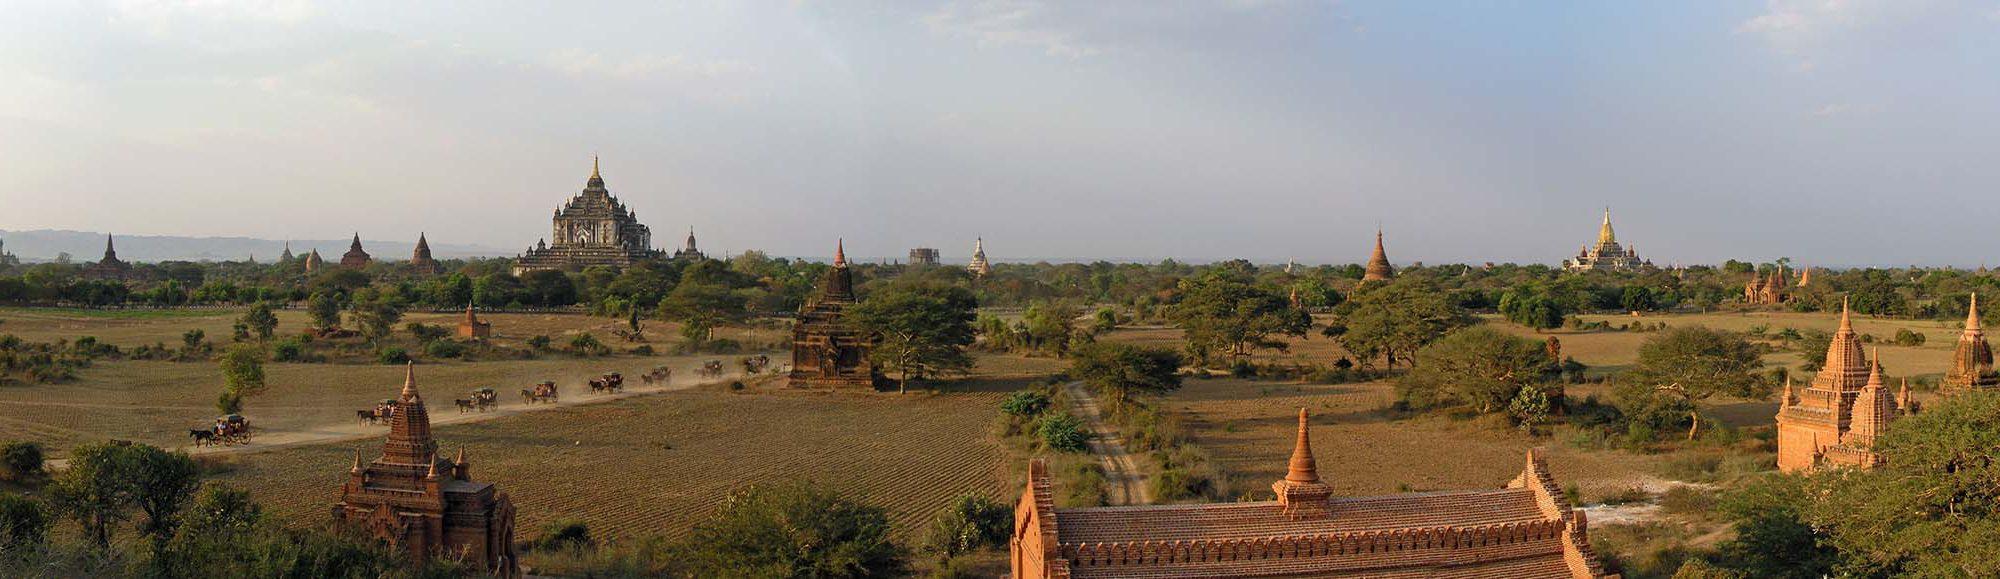 Panoramablick über einige Pagoden von Bagan